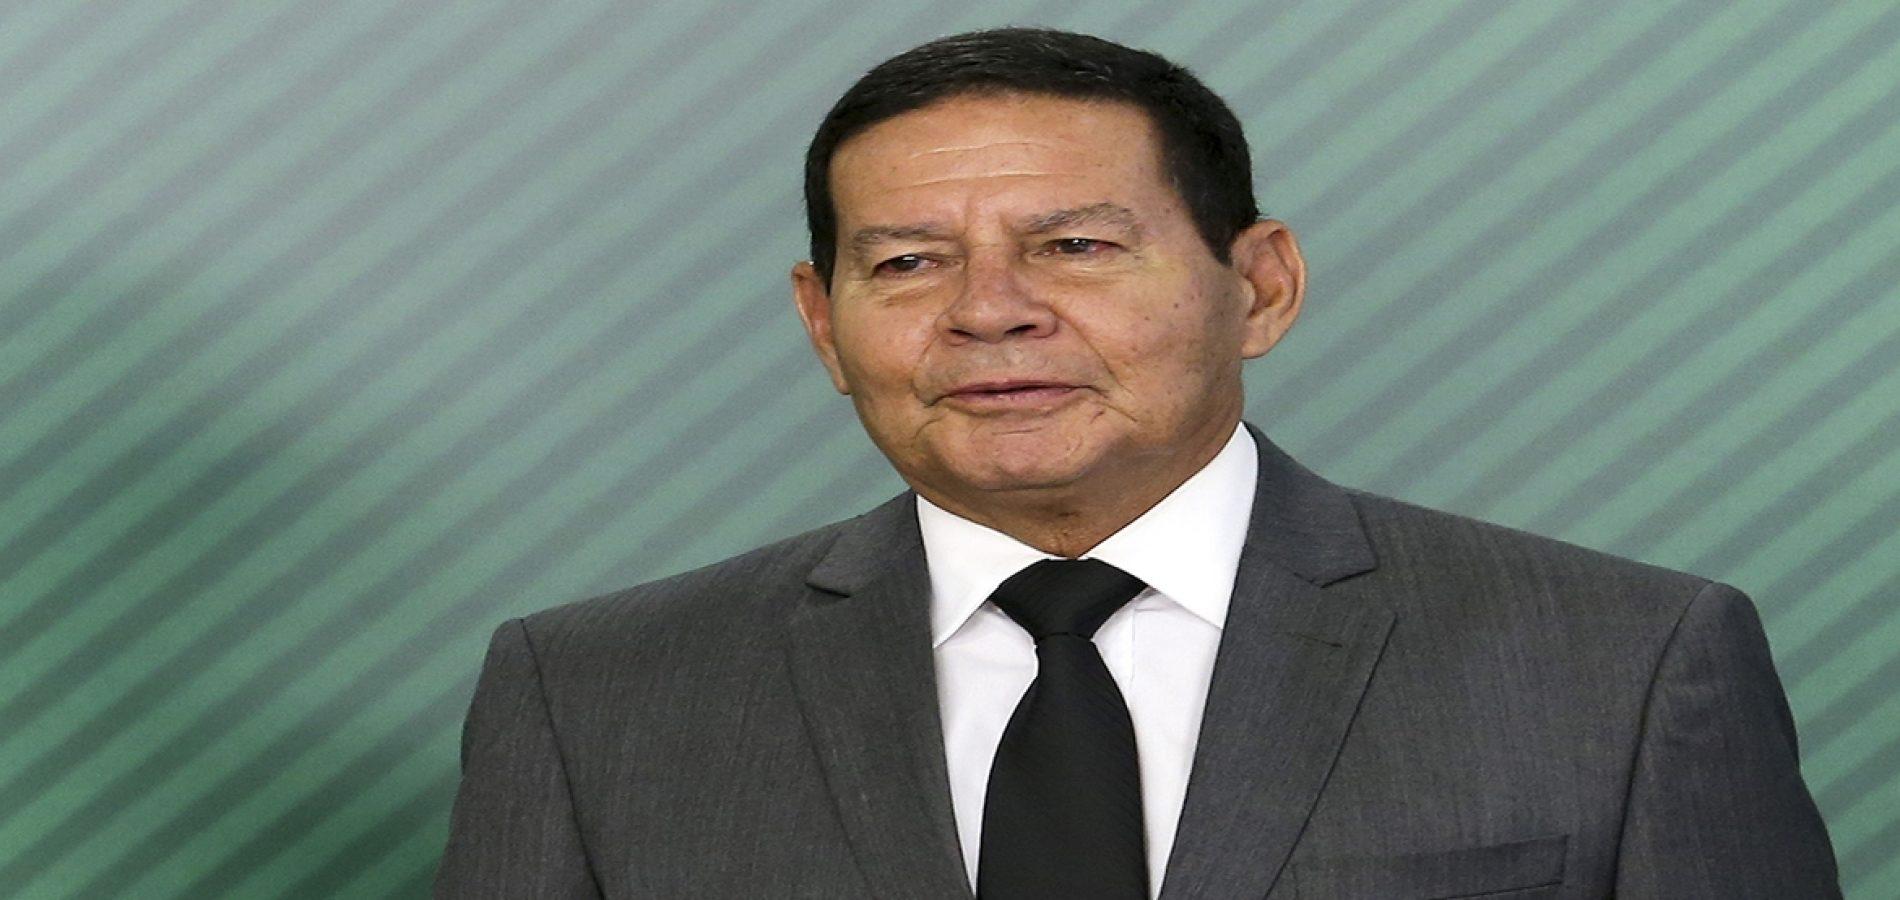 Mourão diz que depoimento de porteiro não tem poder de derrubar governo